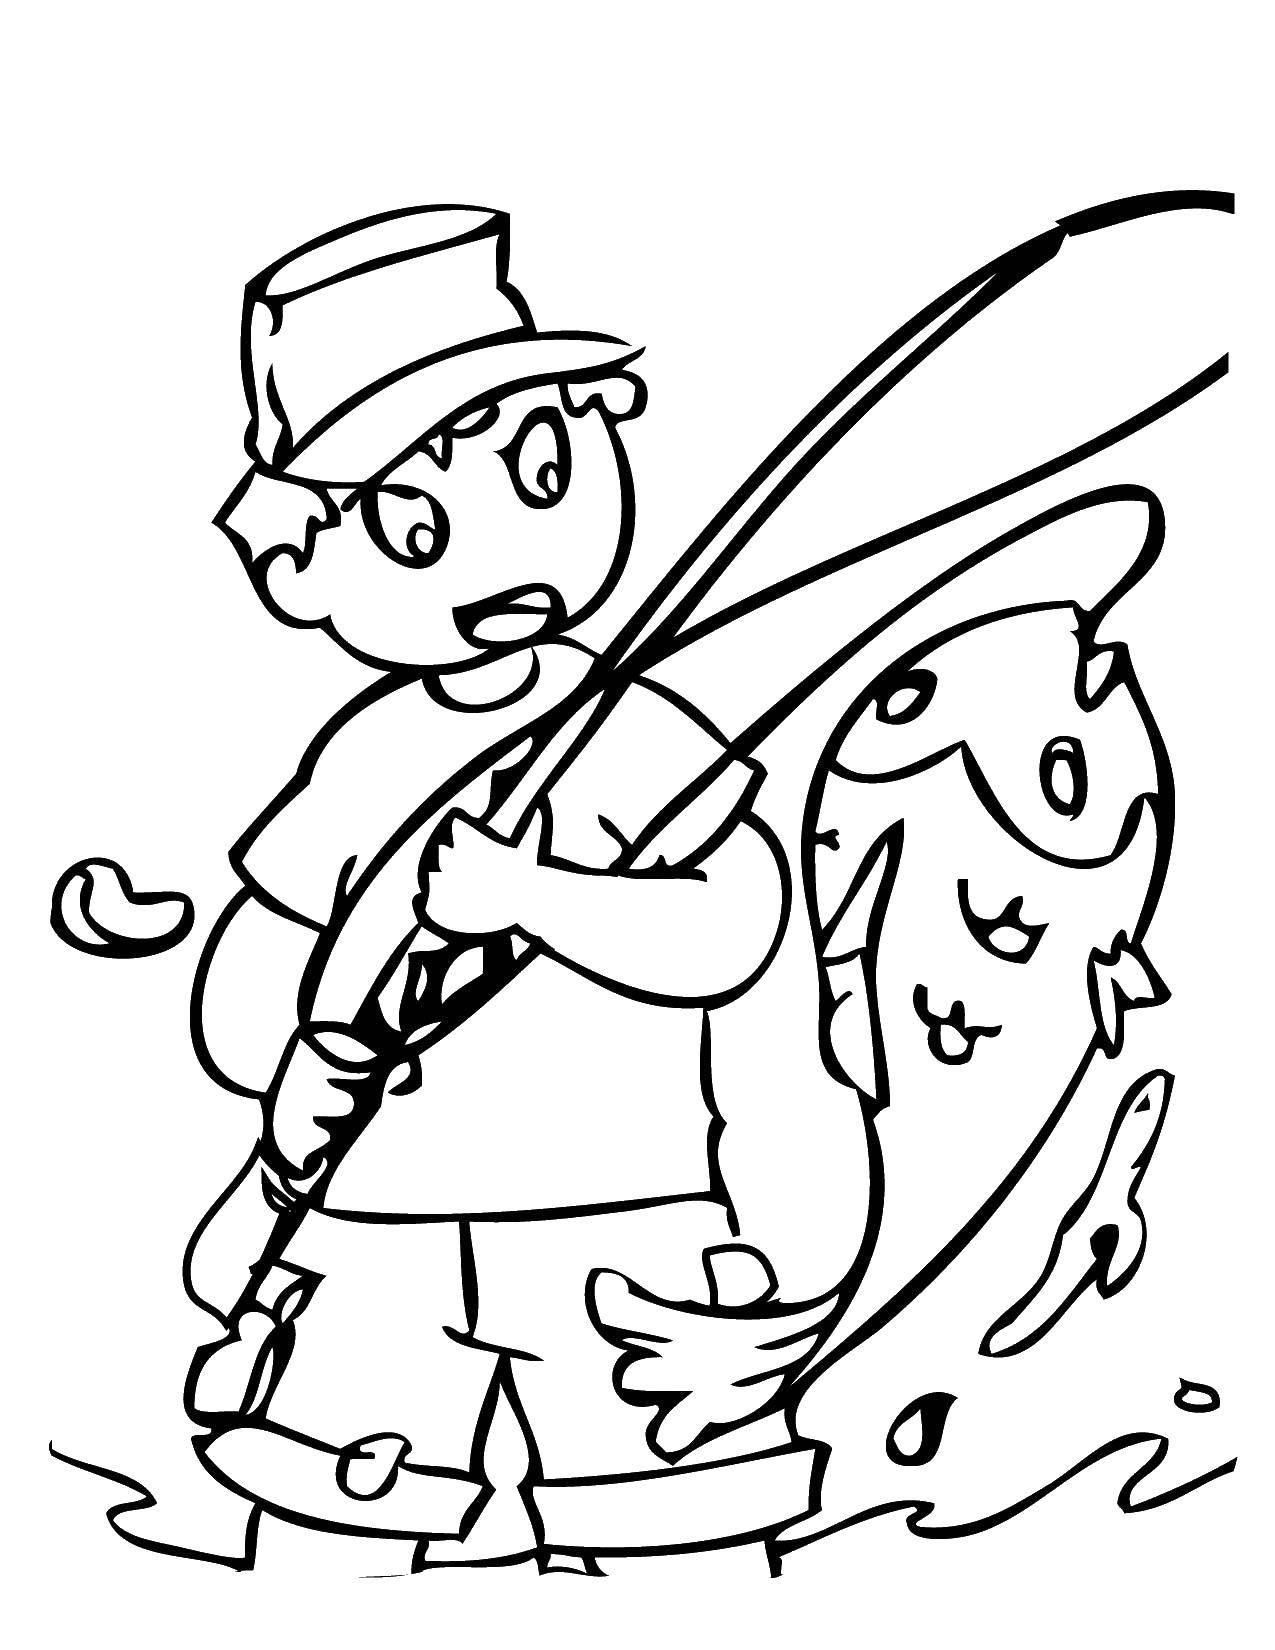 Раскраски Рыбак Раскраски Рыбак, раскраски про рыбаков и работников рыболовства для детей